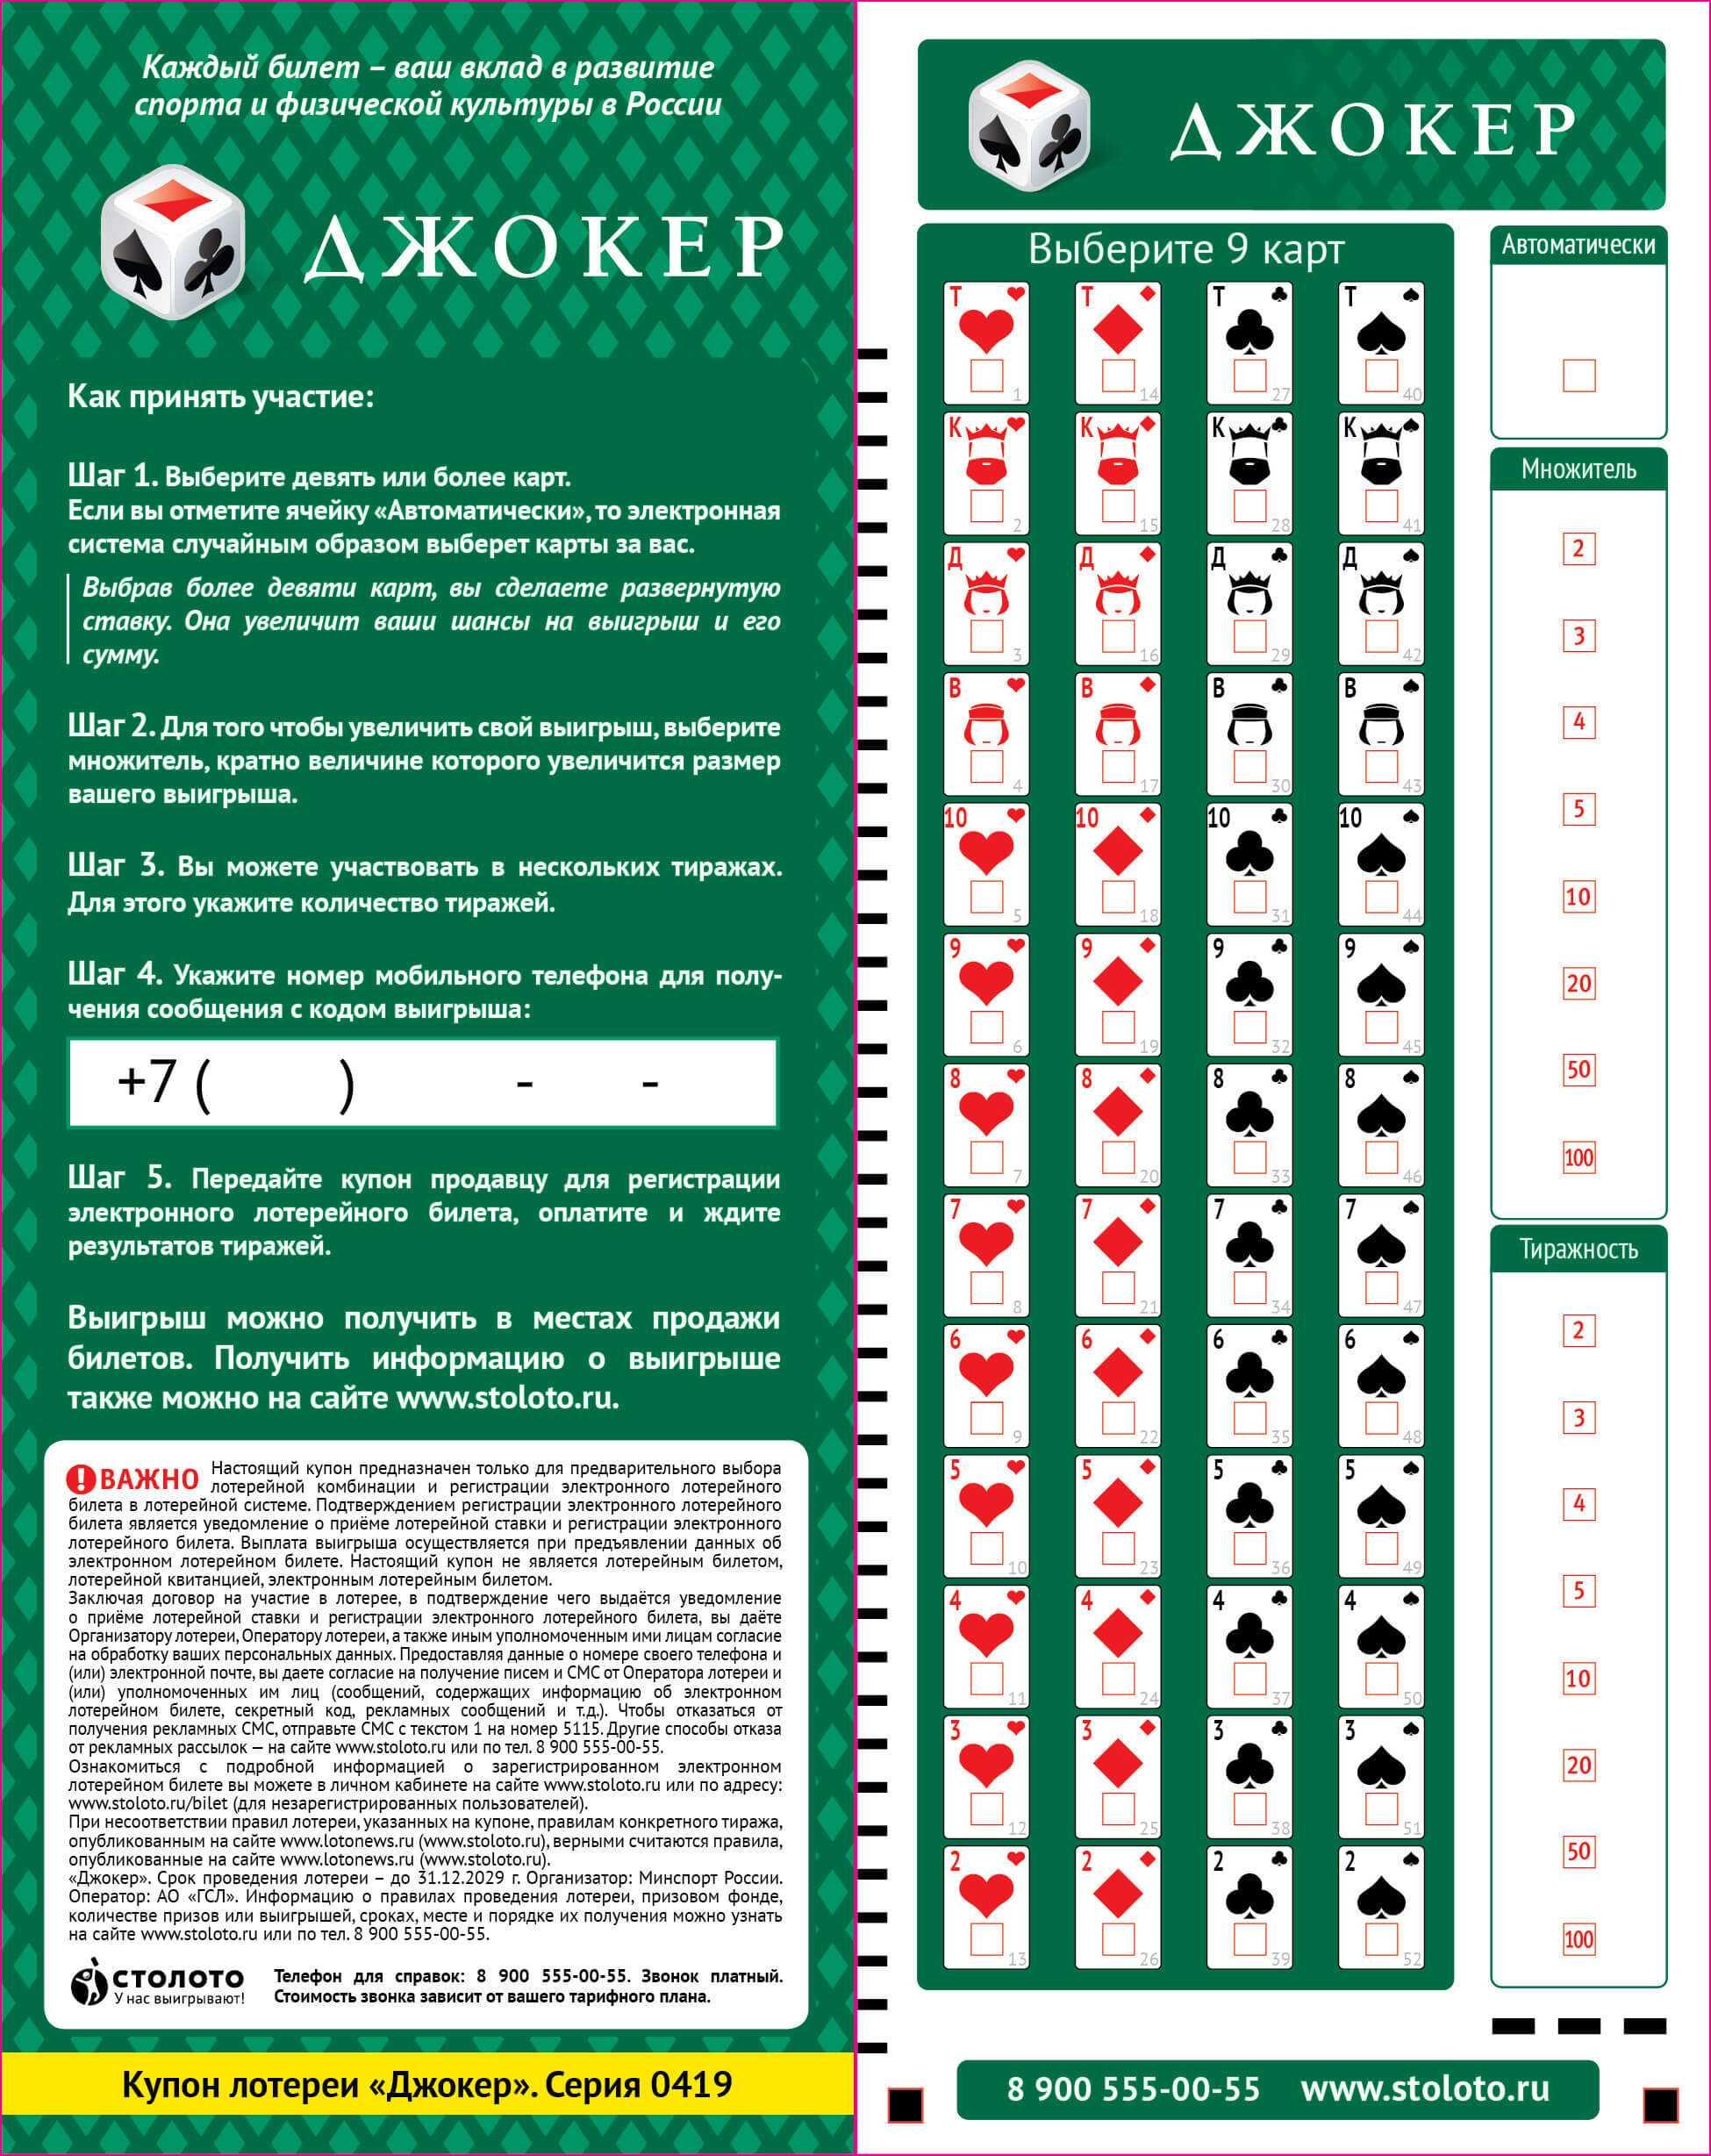 Как играть в жилищную лотерею — подробные правила, советы по покупке билета и как увеличить шанс на победу